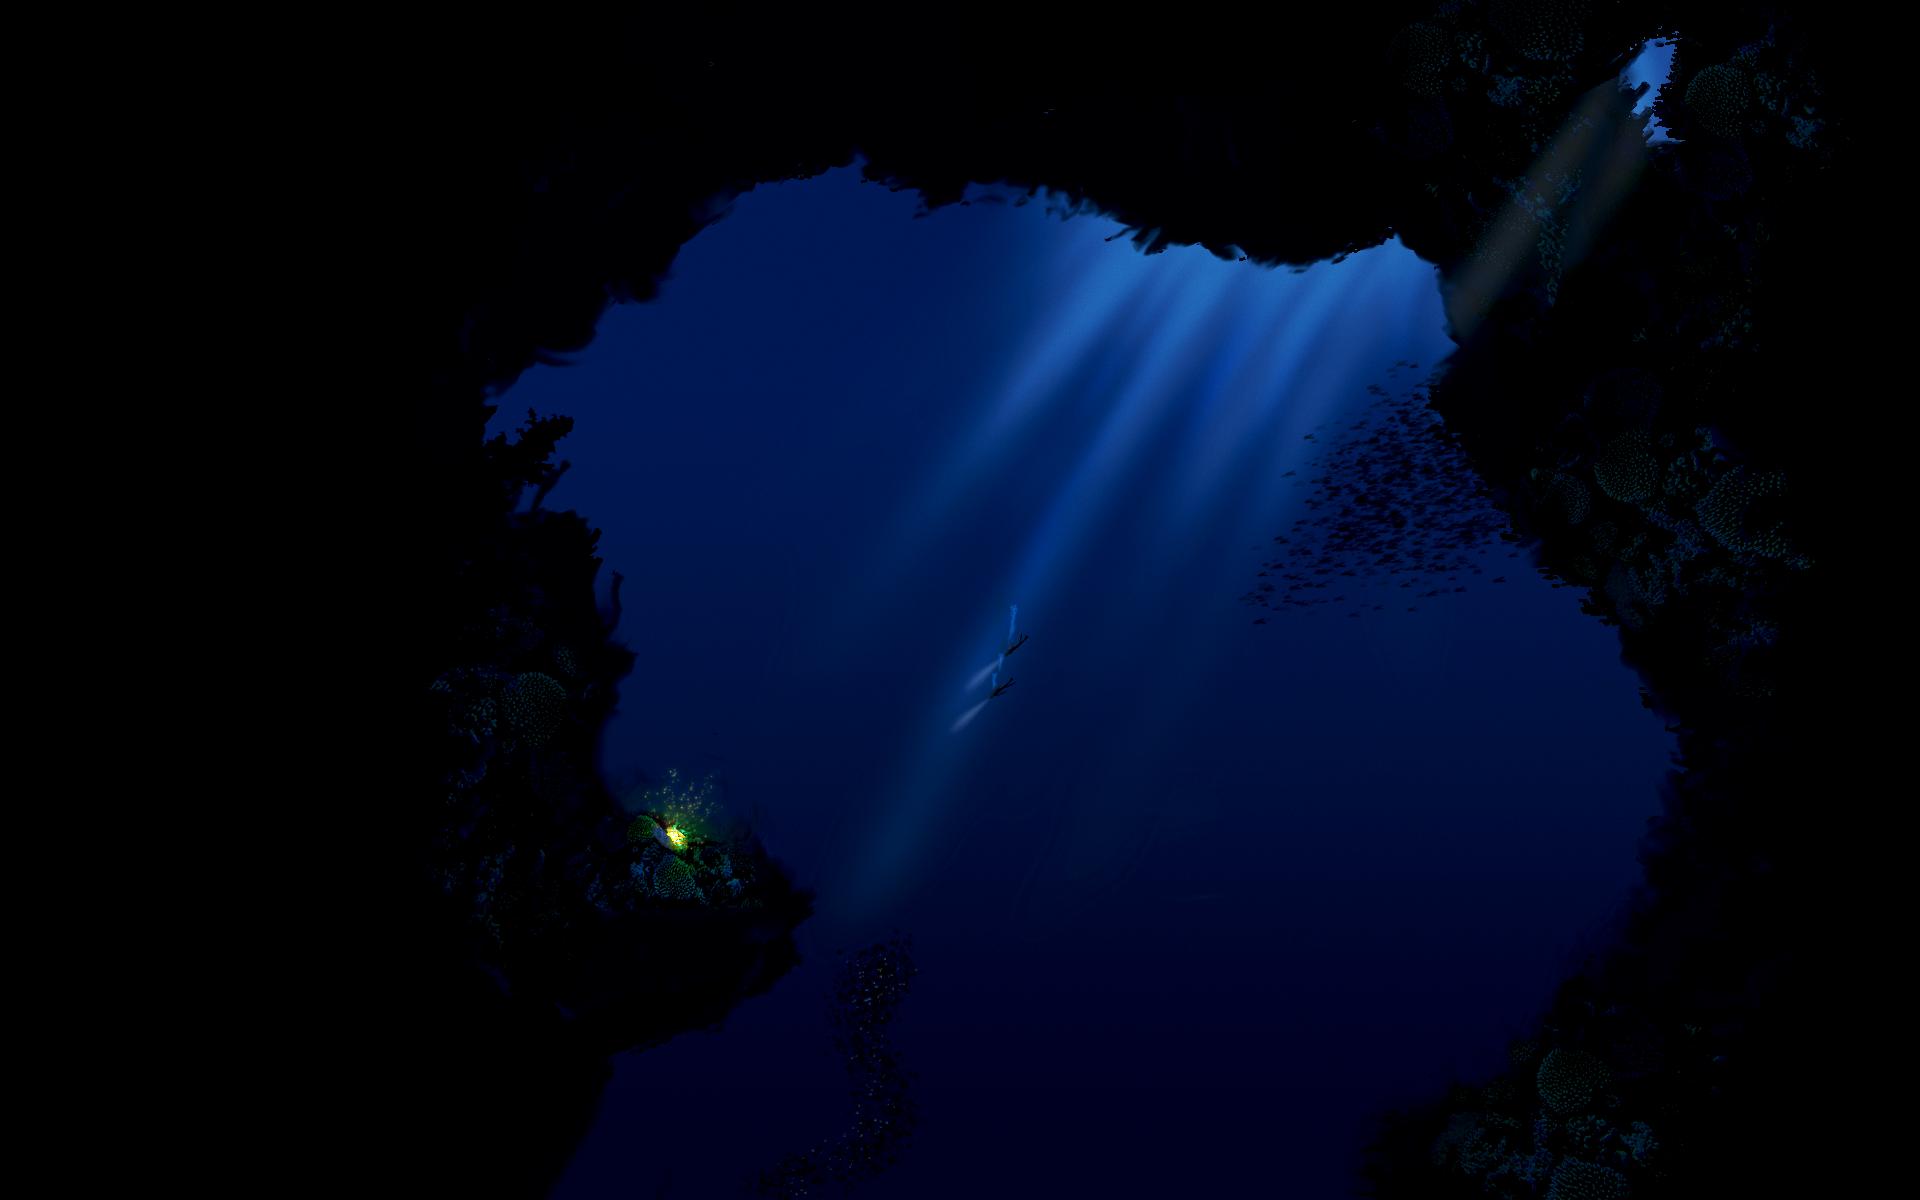 deep sea by nihindula 1920x1200